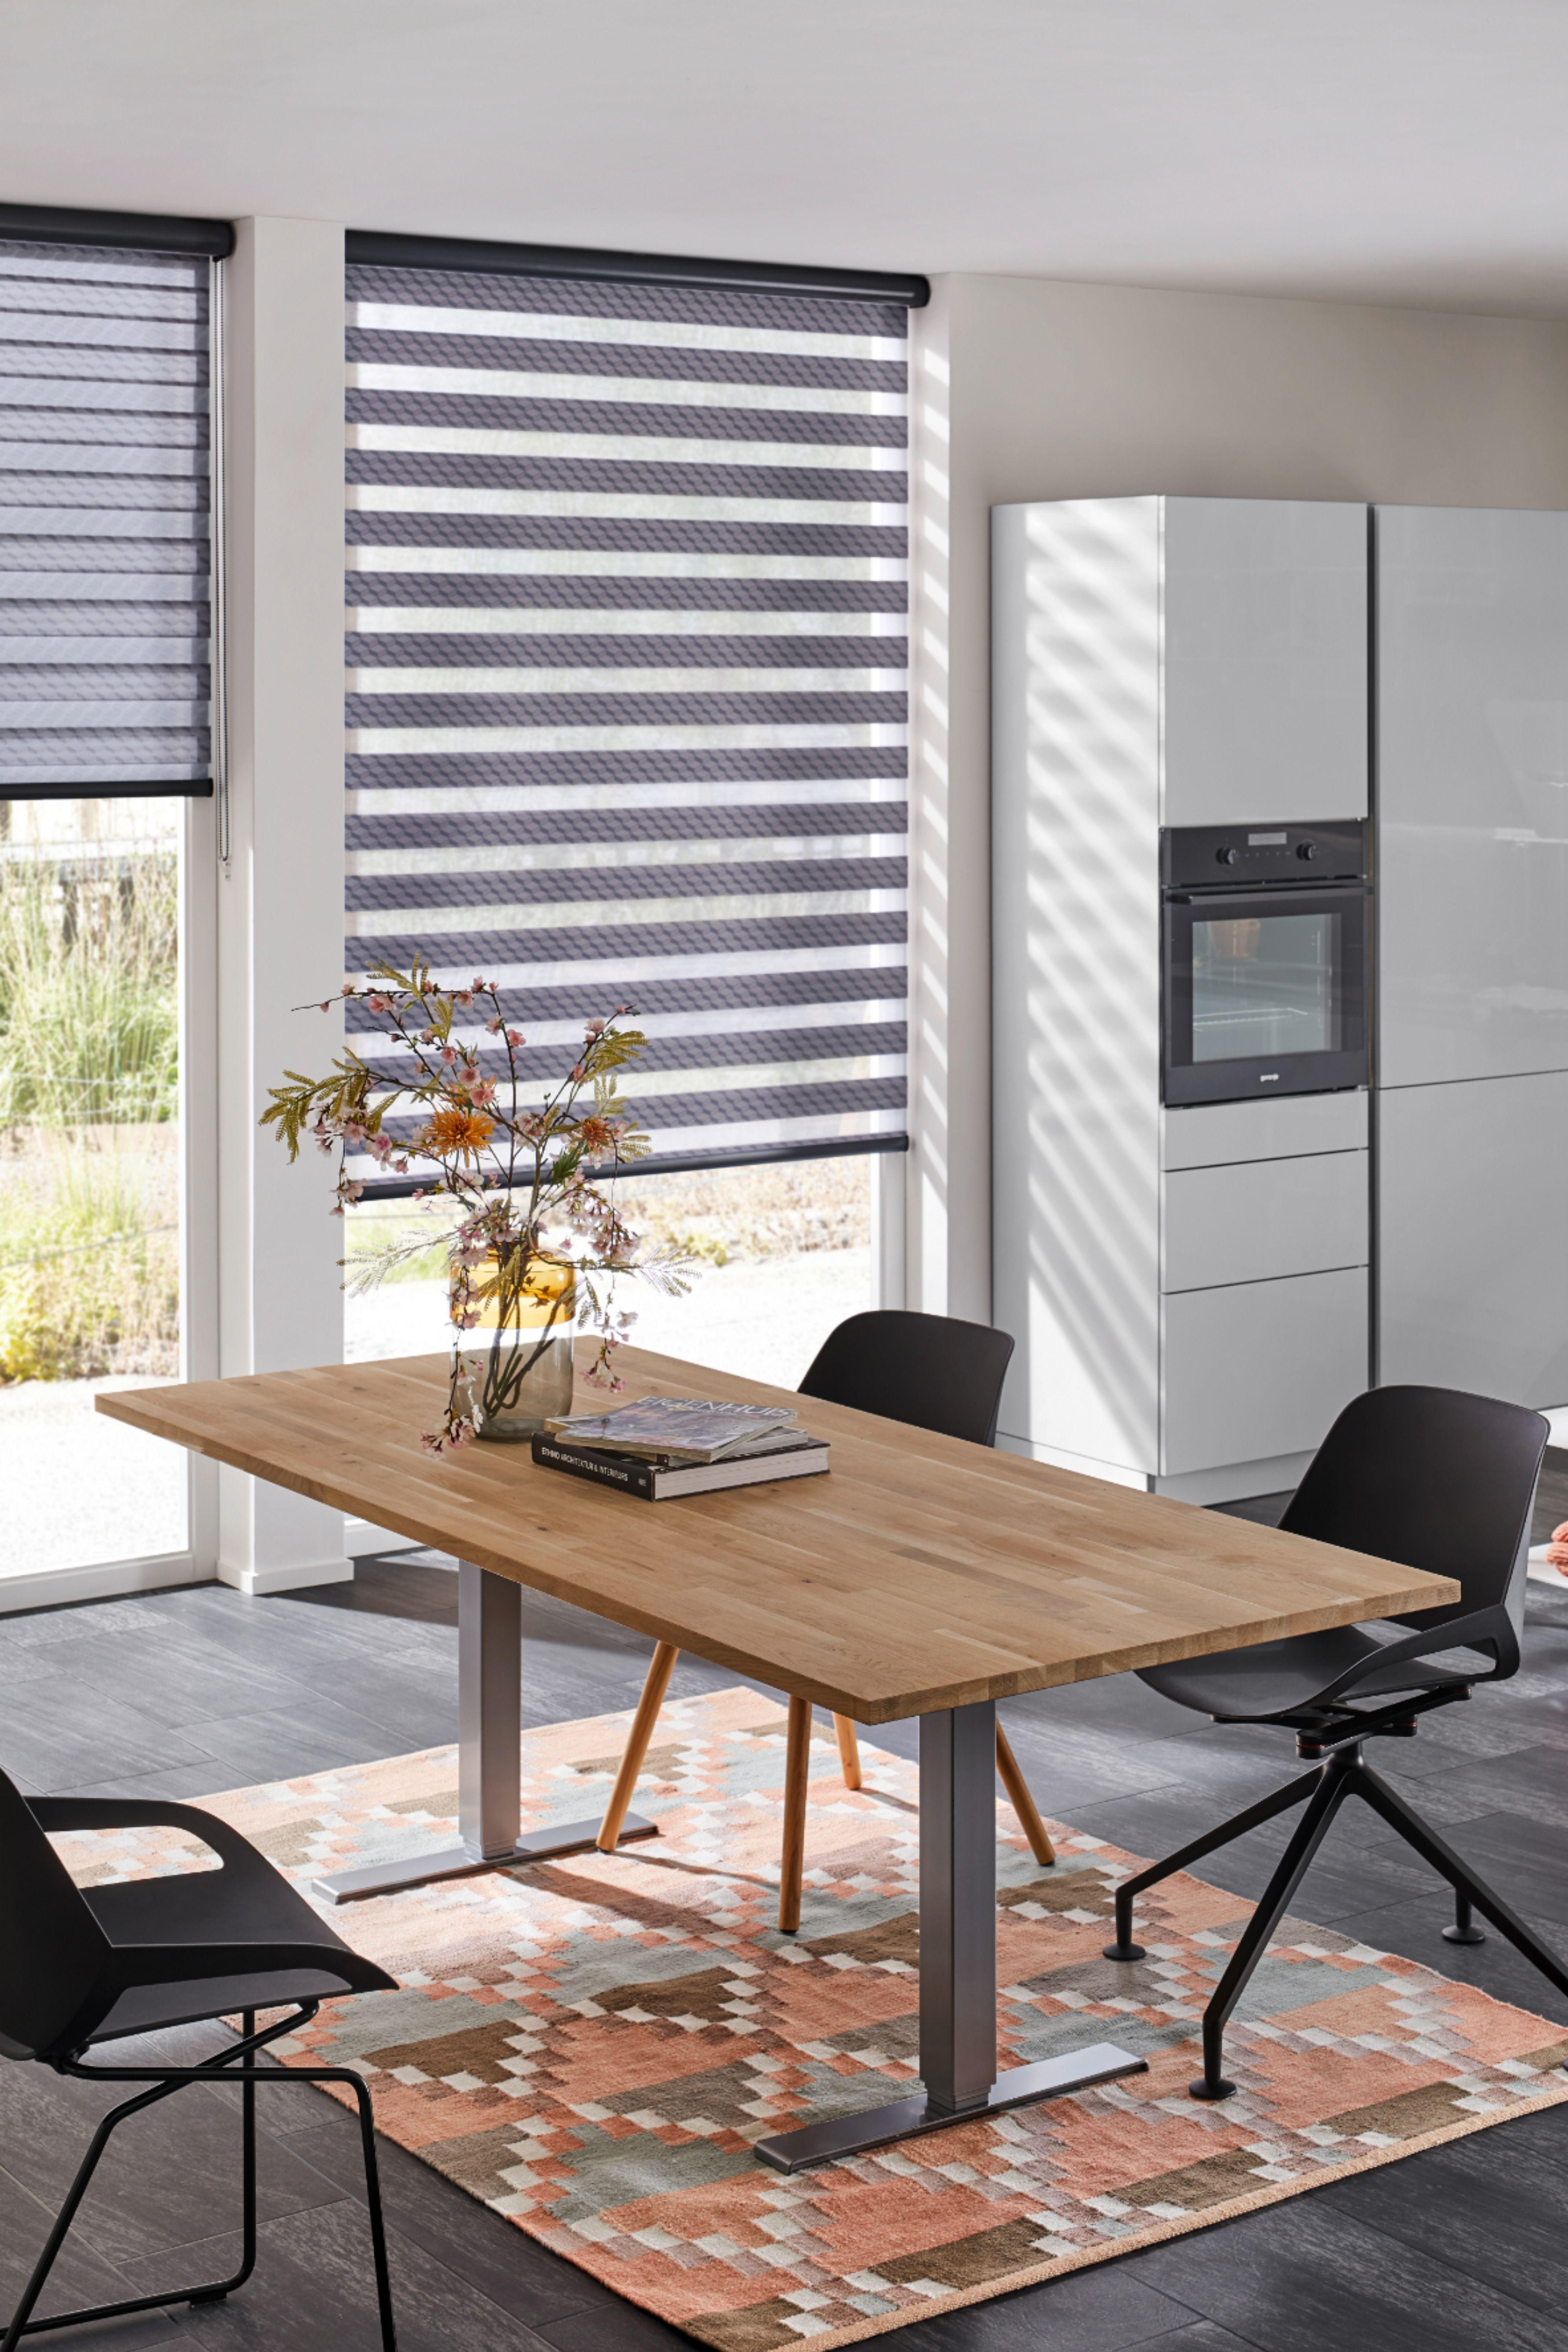 Ergoagent Twin Tischgestell In 2020 Mit Bildern Tisch Esstisch Tischgestell